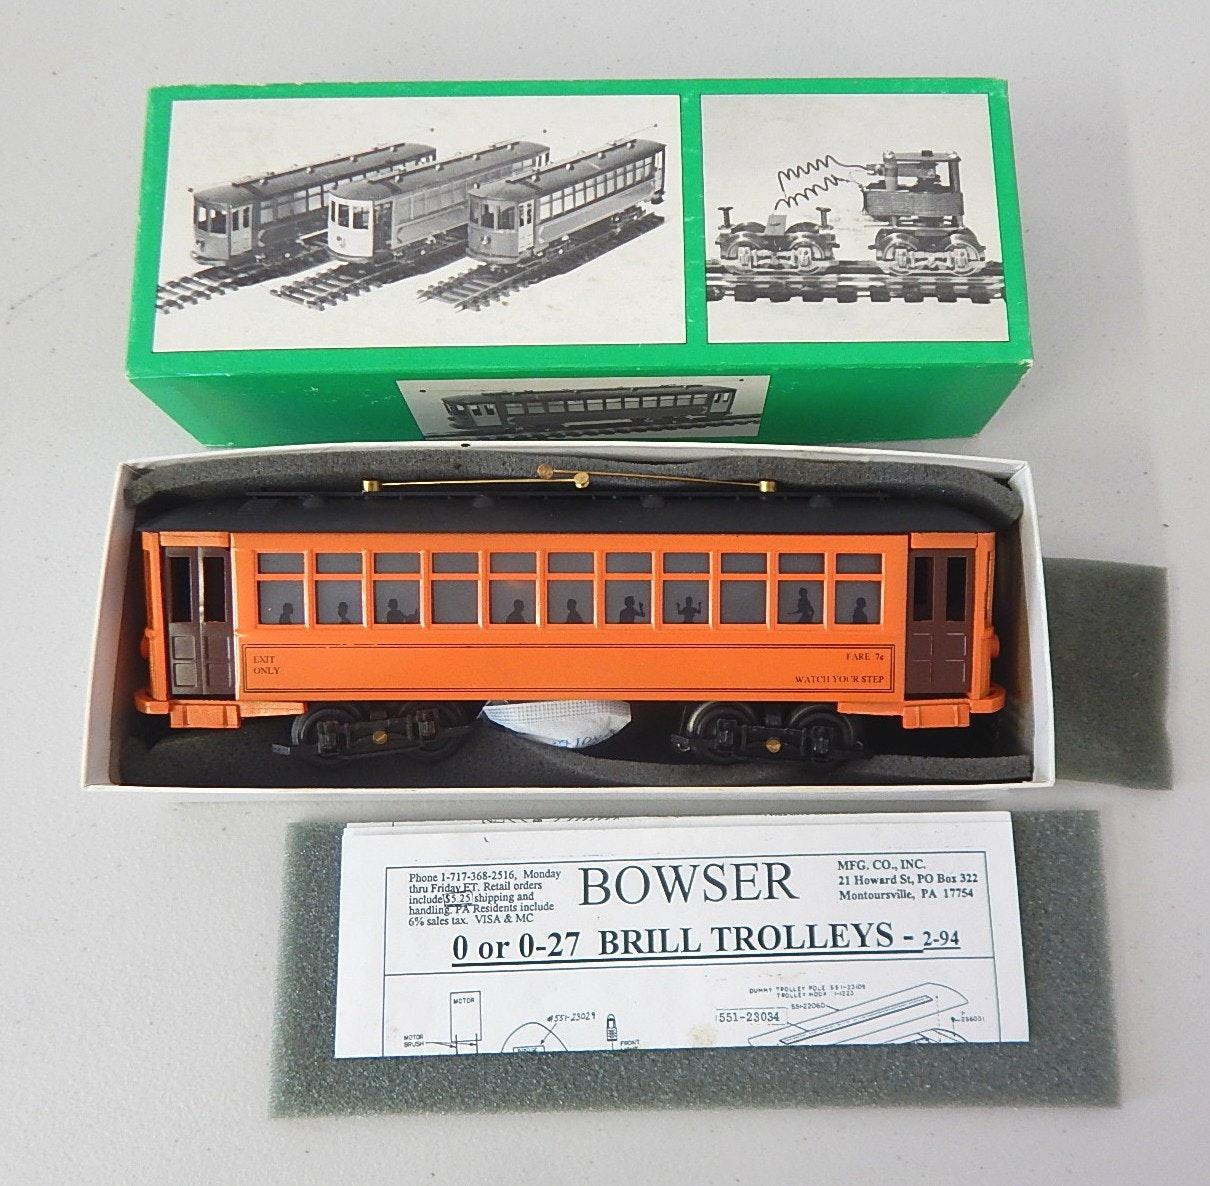 Bowser O-Gauge Brill Trolley Train #551-50122 with Box